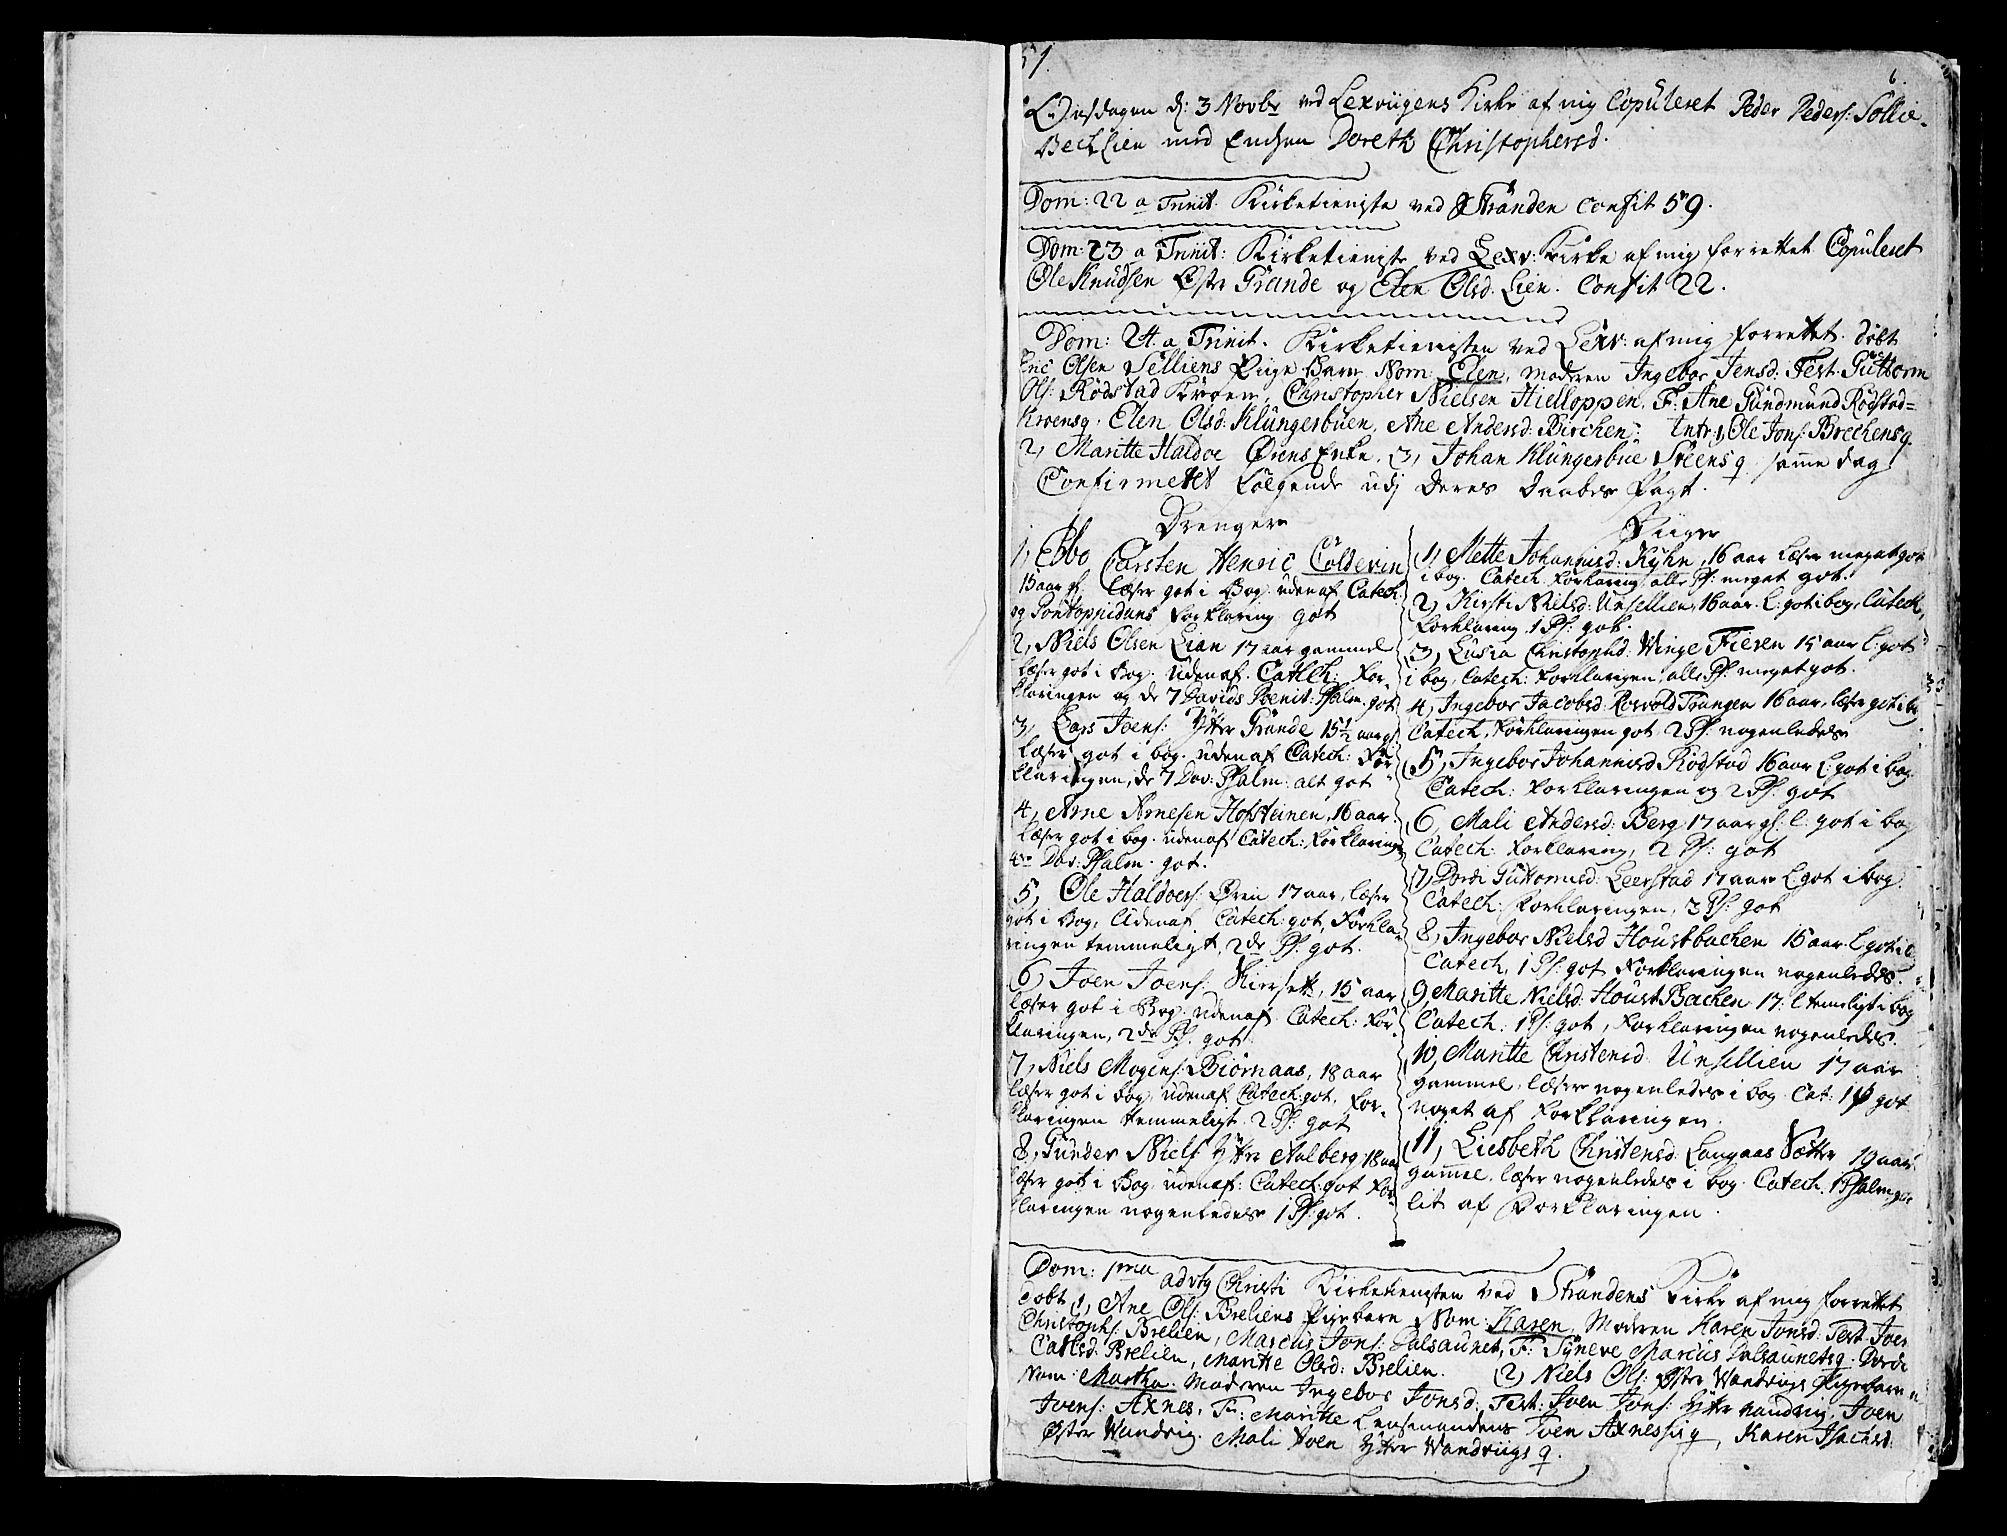 SAT, Ministerialprotokoller, klokkerbøker og fødselsregistre - Nord-Trøndelag, 701/L0003: Ministerialbok nr. 701A03, 1751-1783, s. 6